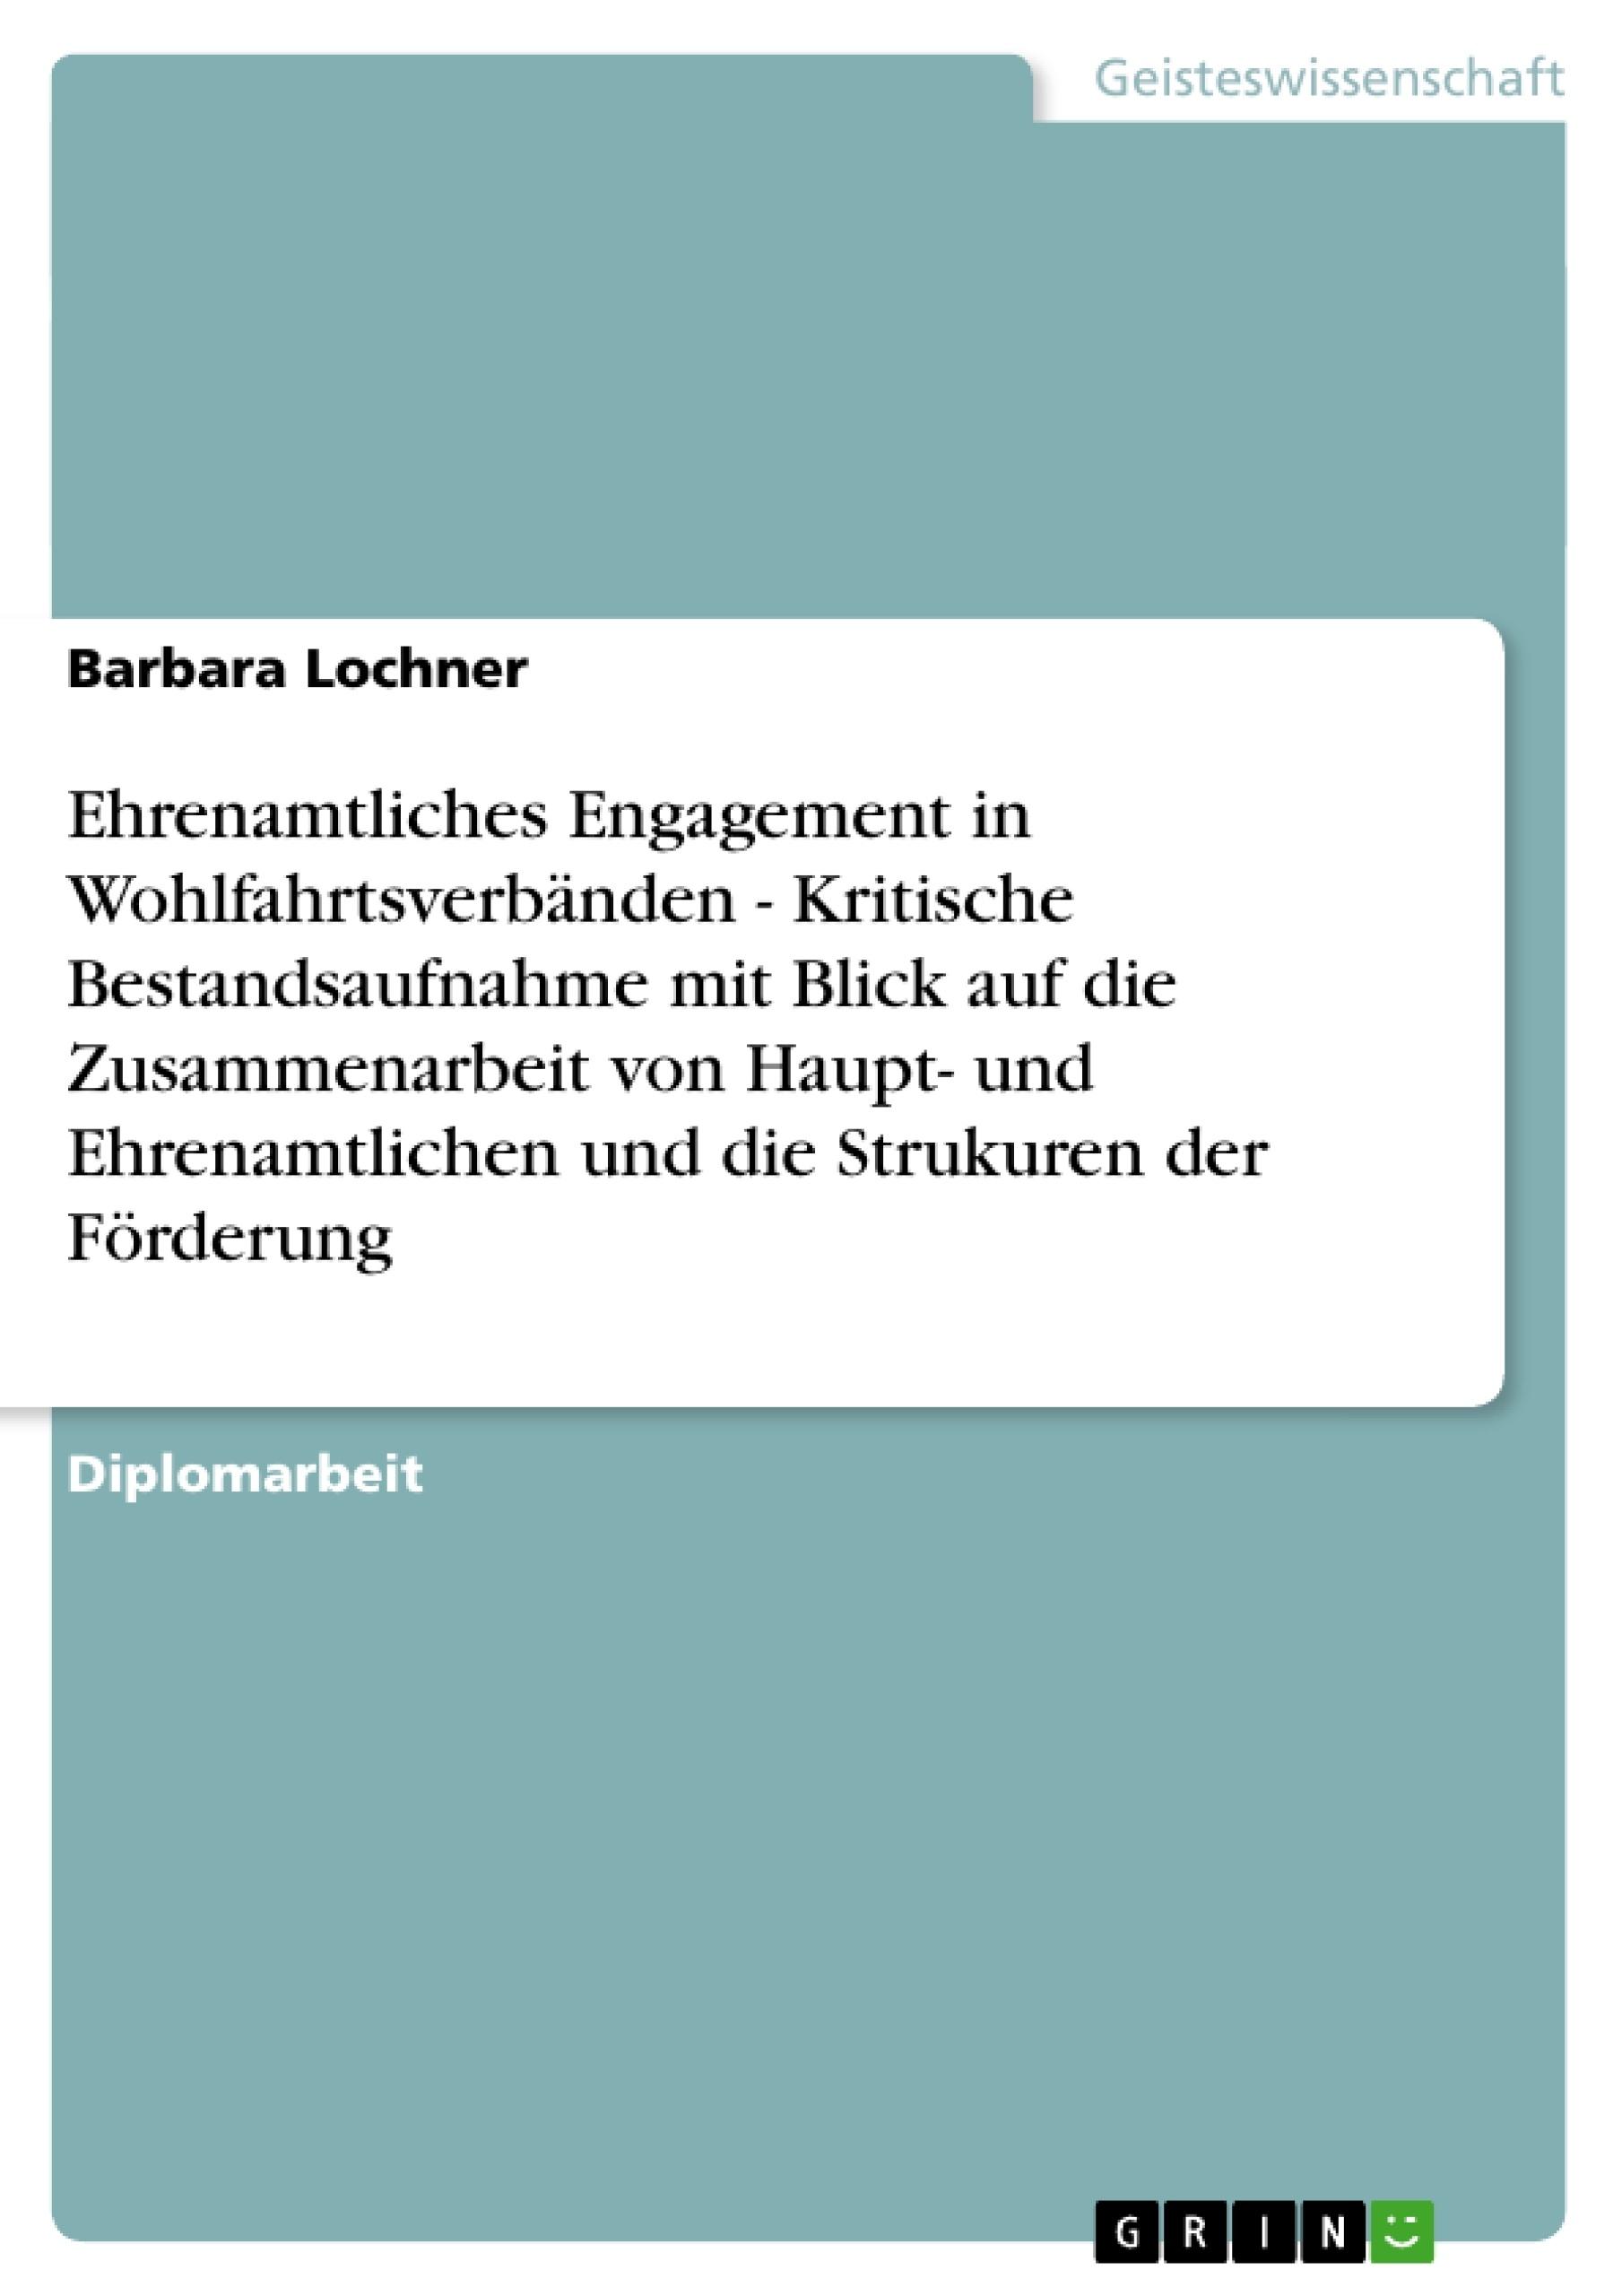 Titel: Ehrenamtliches Engagement in Wohlfahrtsverbänden - Kritische Bestandsaufnahme mit Blick auf die Zusammenarbeit von Haupt- und Ehrenamtlichen und die Strukuren der Förderung